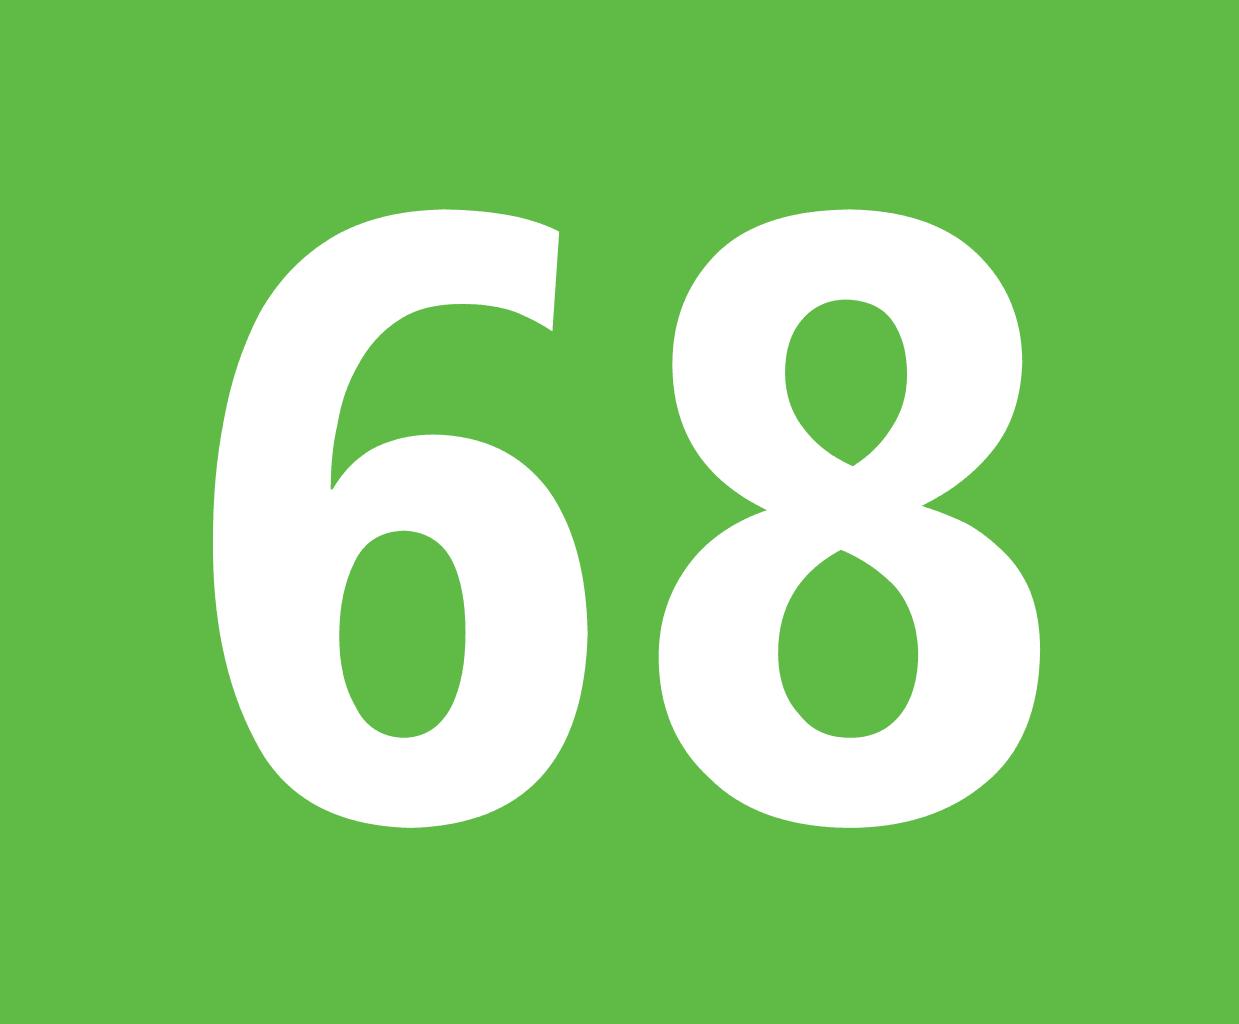 nhap-hang-tu-1688-4